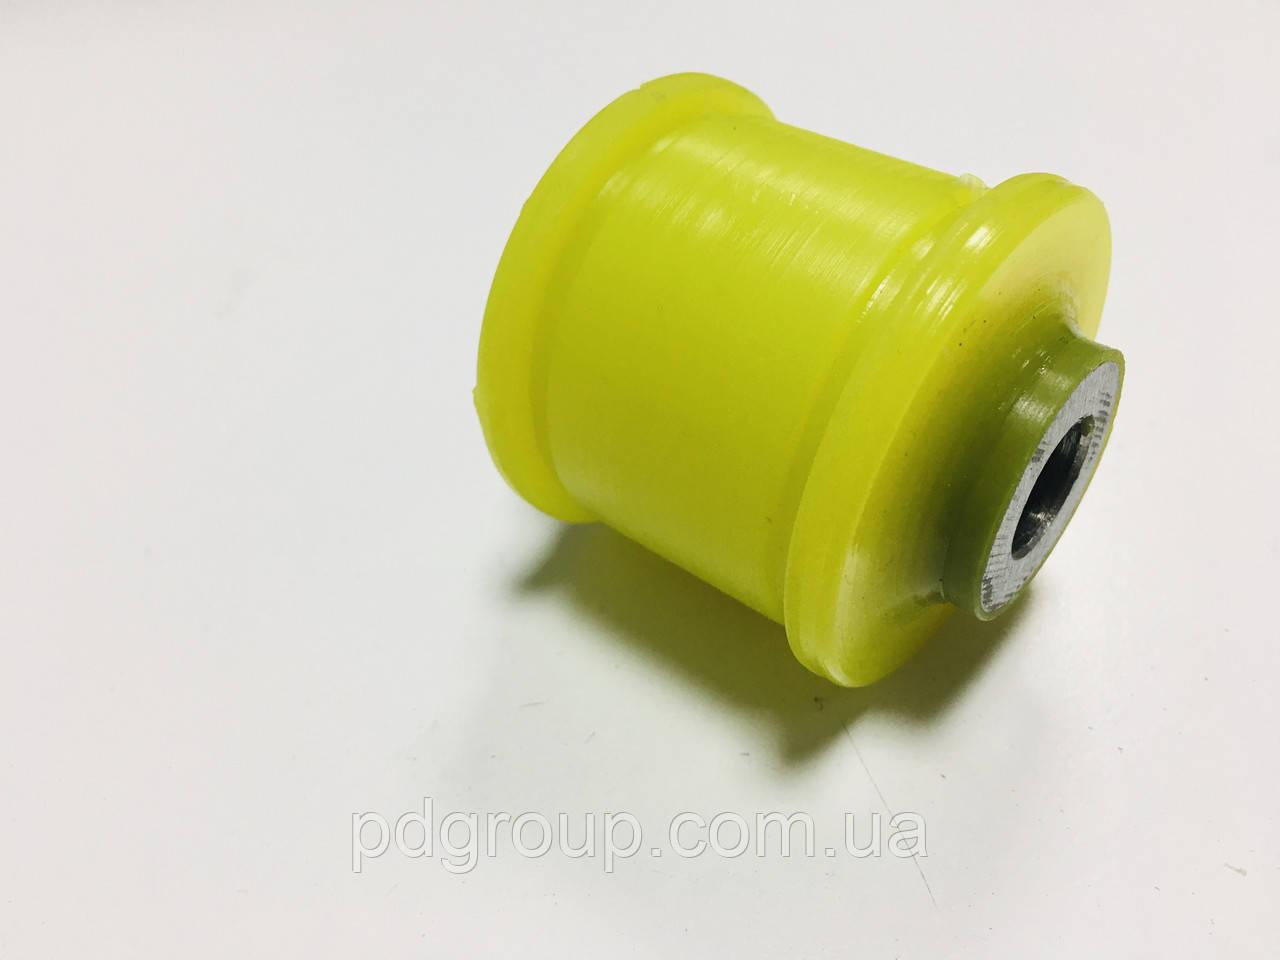 Полиуретанoвый сайлентблок заднего амортизатора ВАЗ Калина 1117, 1118, 1119 ОЕ 2108-2915446